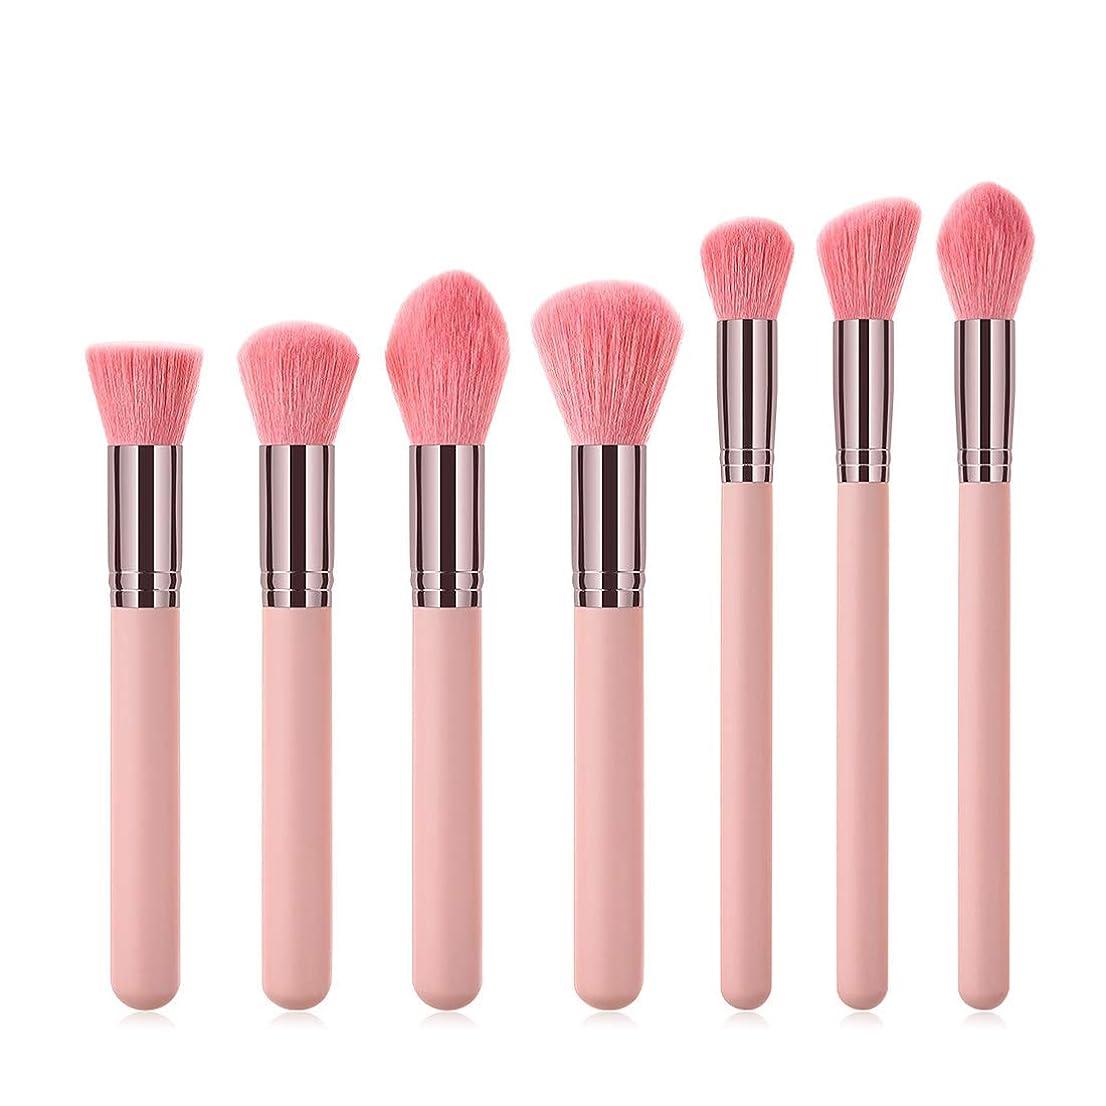 区別するシーフード小学生Aikemi kasur 1の化粧筆セットの洗面用品のキットのウールの化粧品のアイシャドーブラシ用具7 (色 : ピンク)